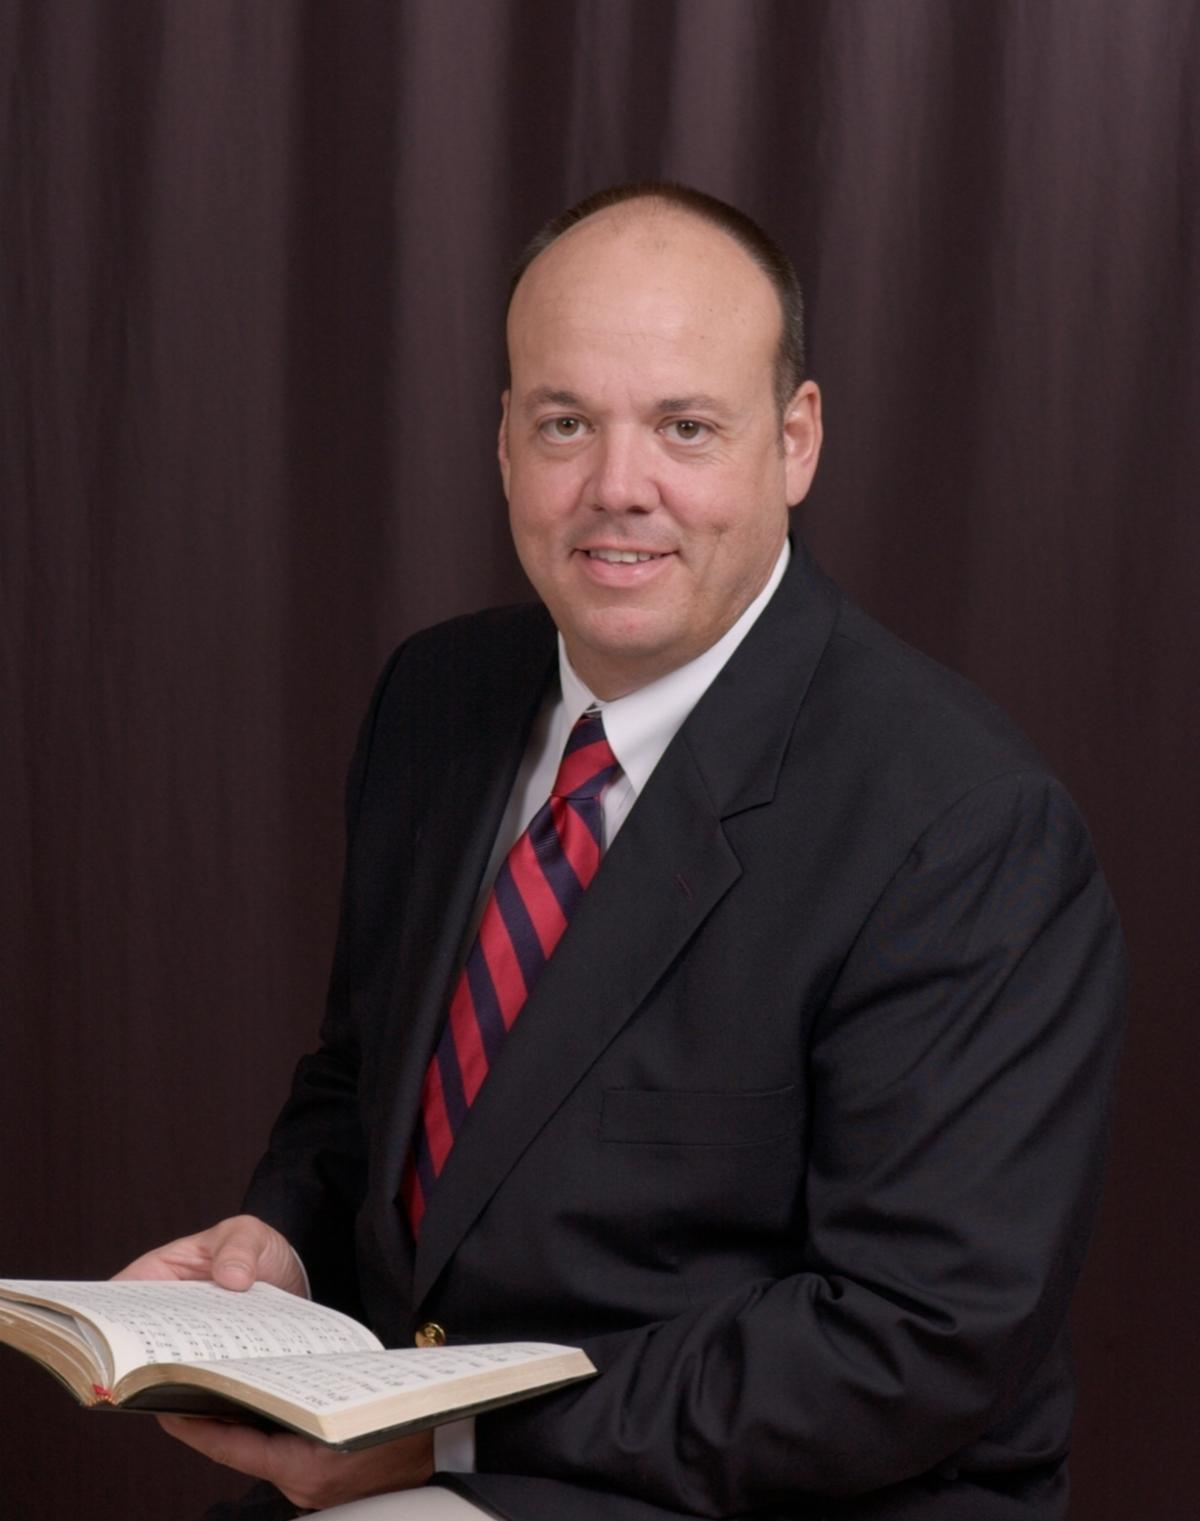 Scott Gaddis - Music Minister